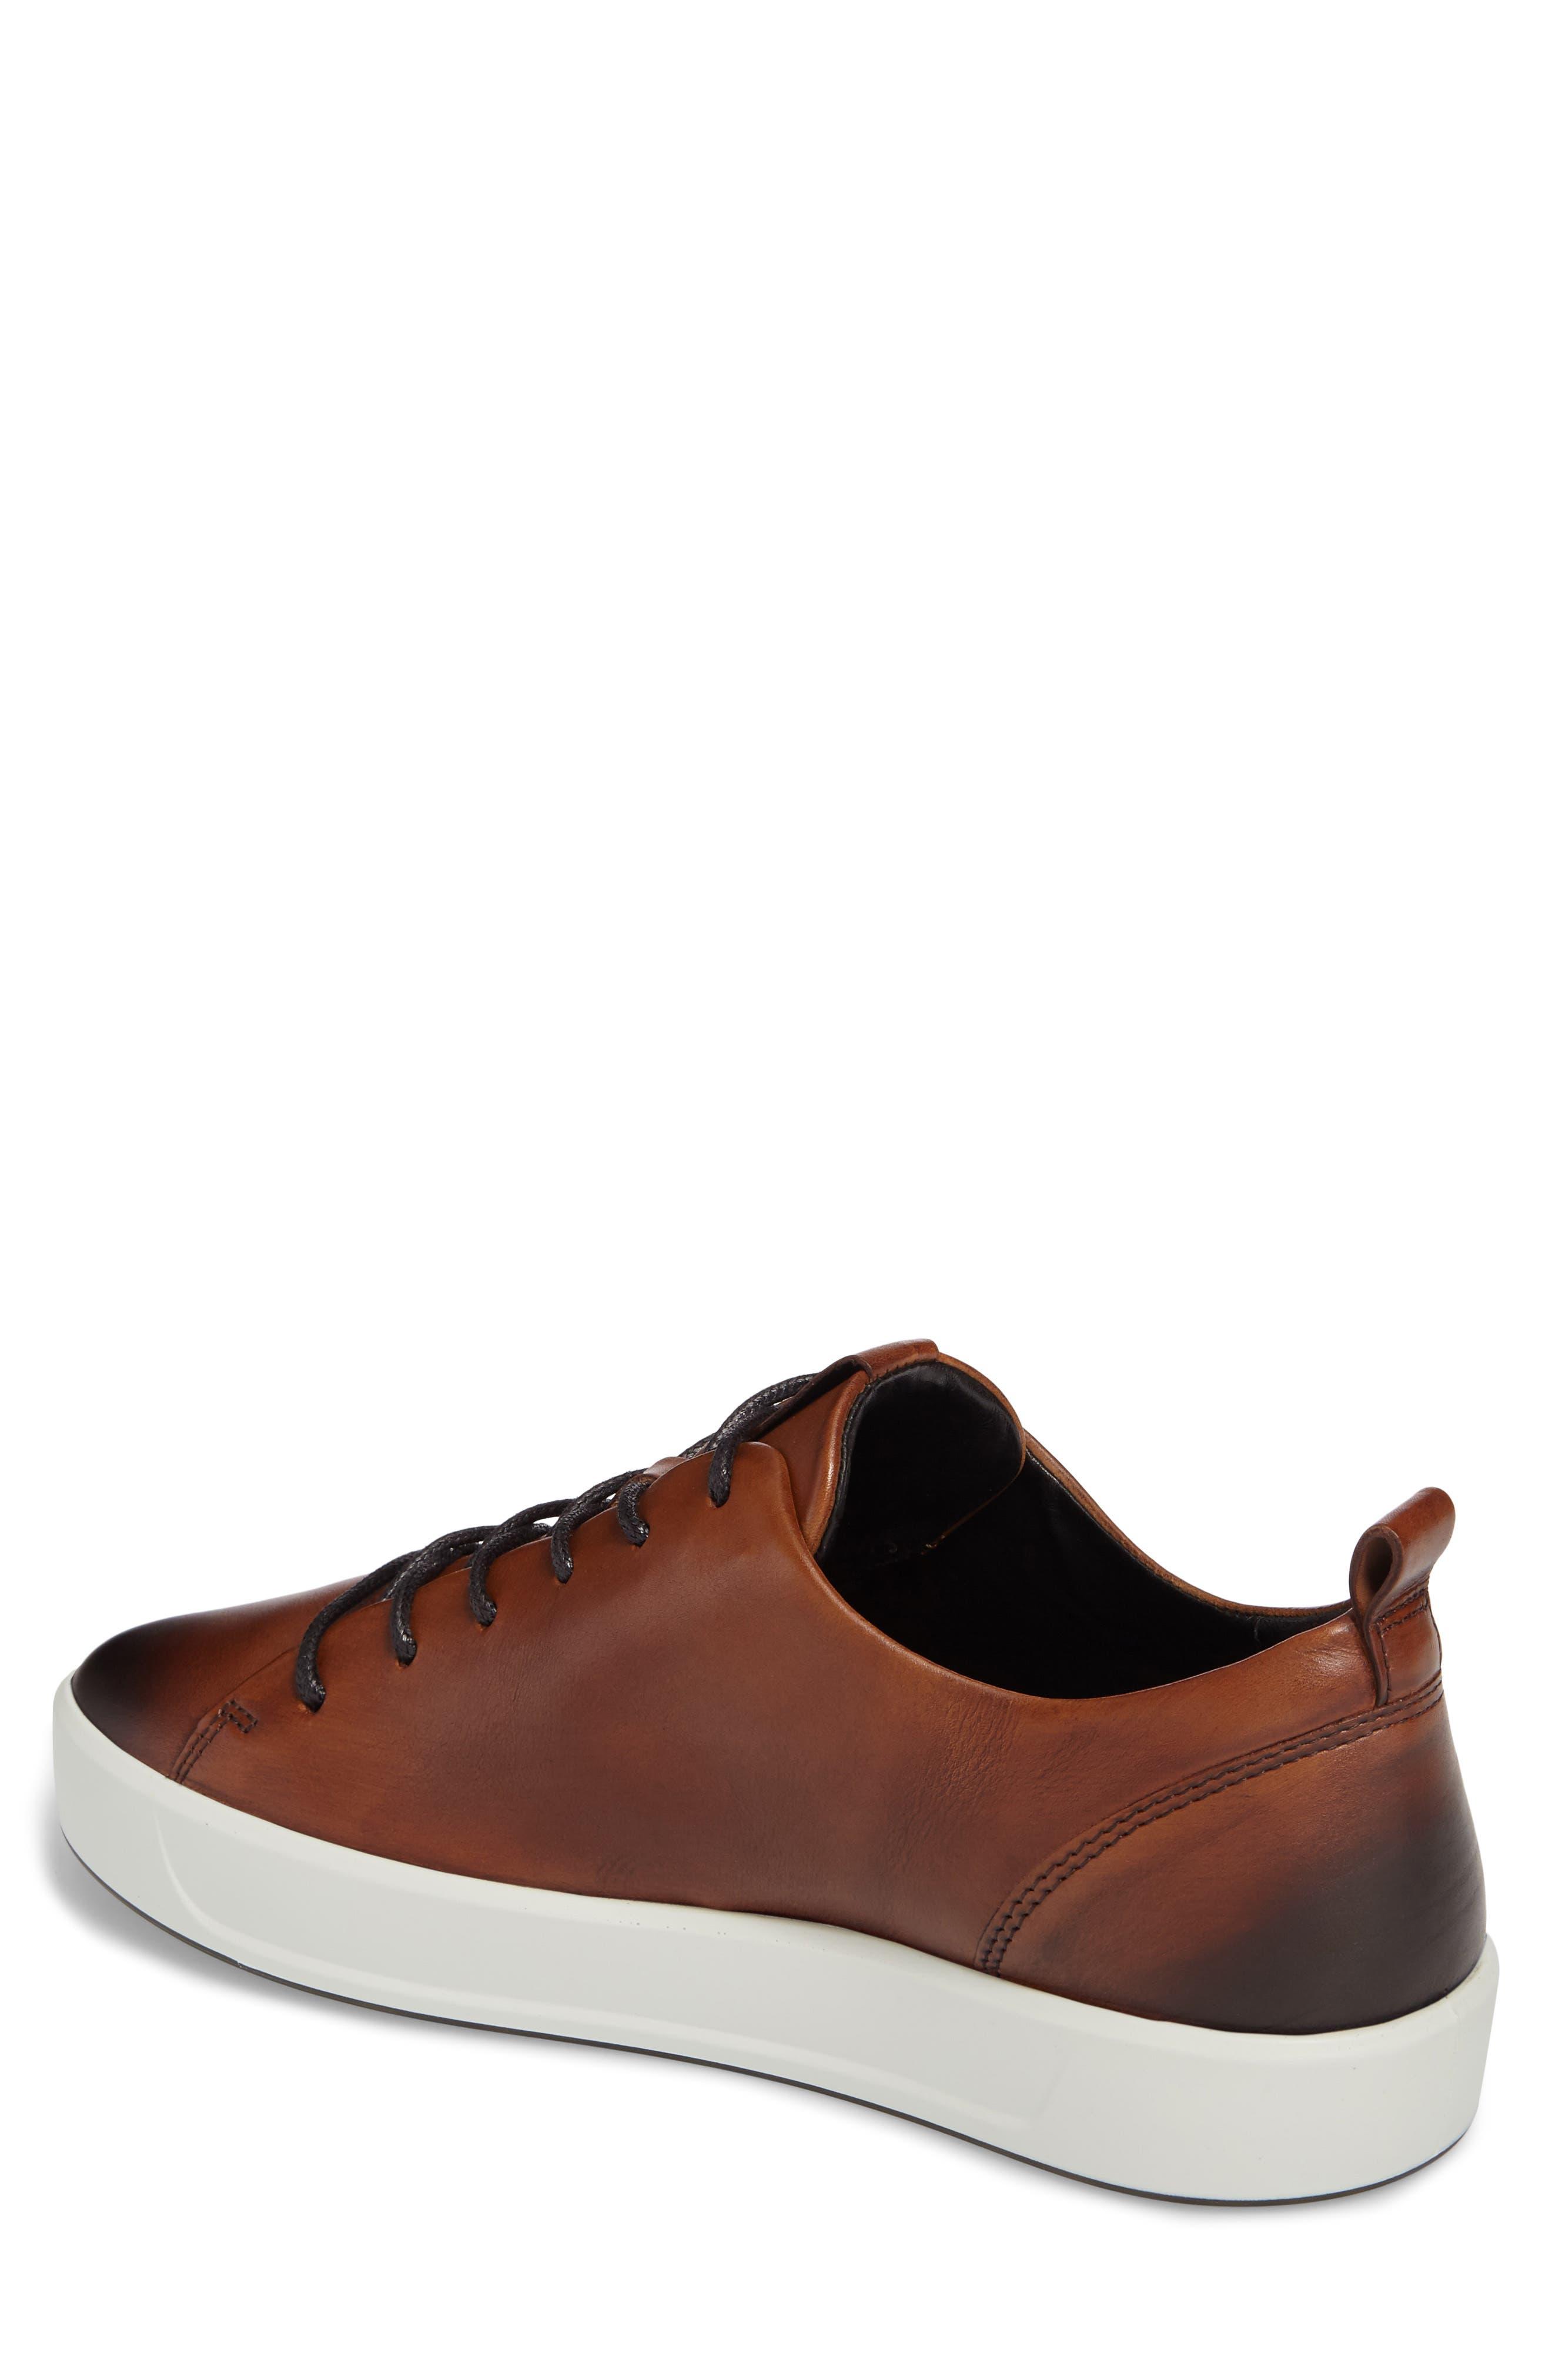 Soft 8 Street Sneaker,                             Alternate thumbnail 2, color,                             LION